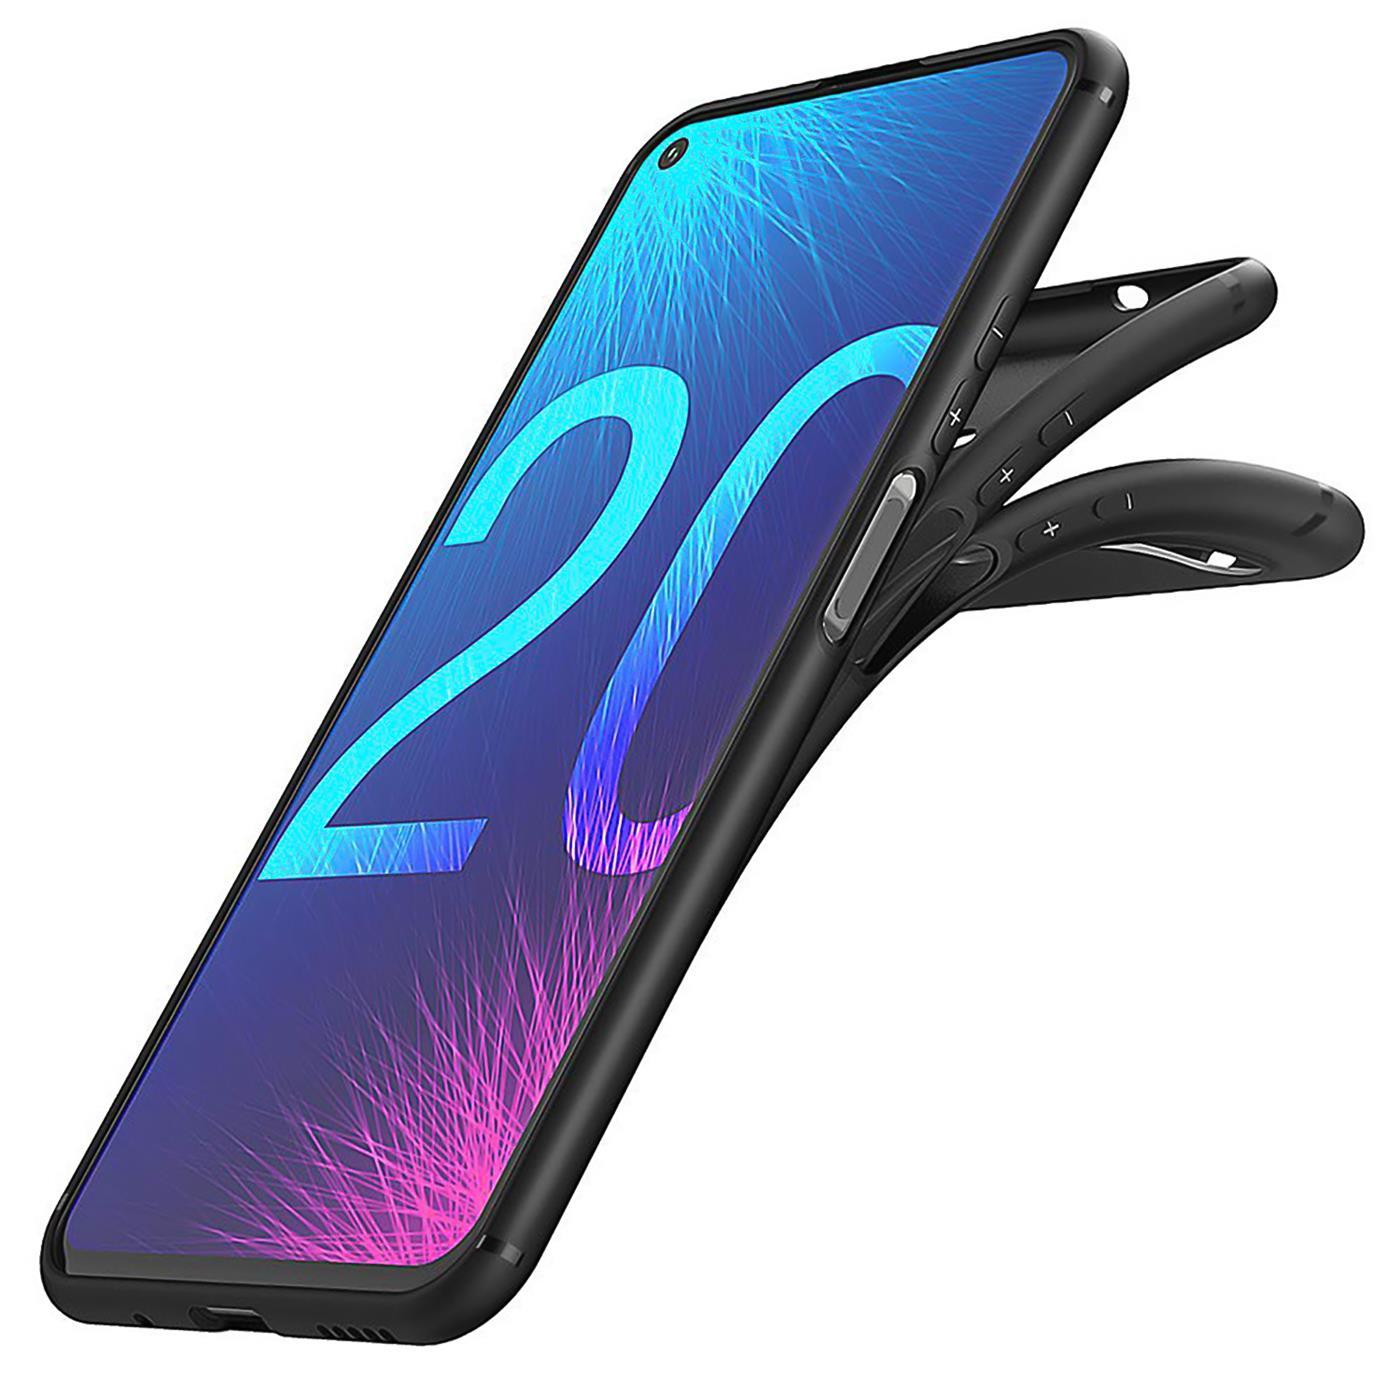 Huelle-fuer-Huawei-Nova-5T-Schutzhuelle-Handy-Huelle-Slim-Case-Weich-Matt-Schwarz Indexbild 9